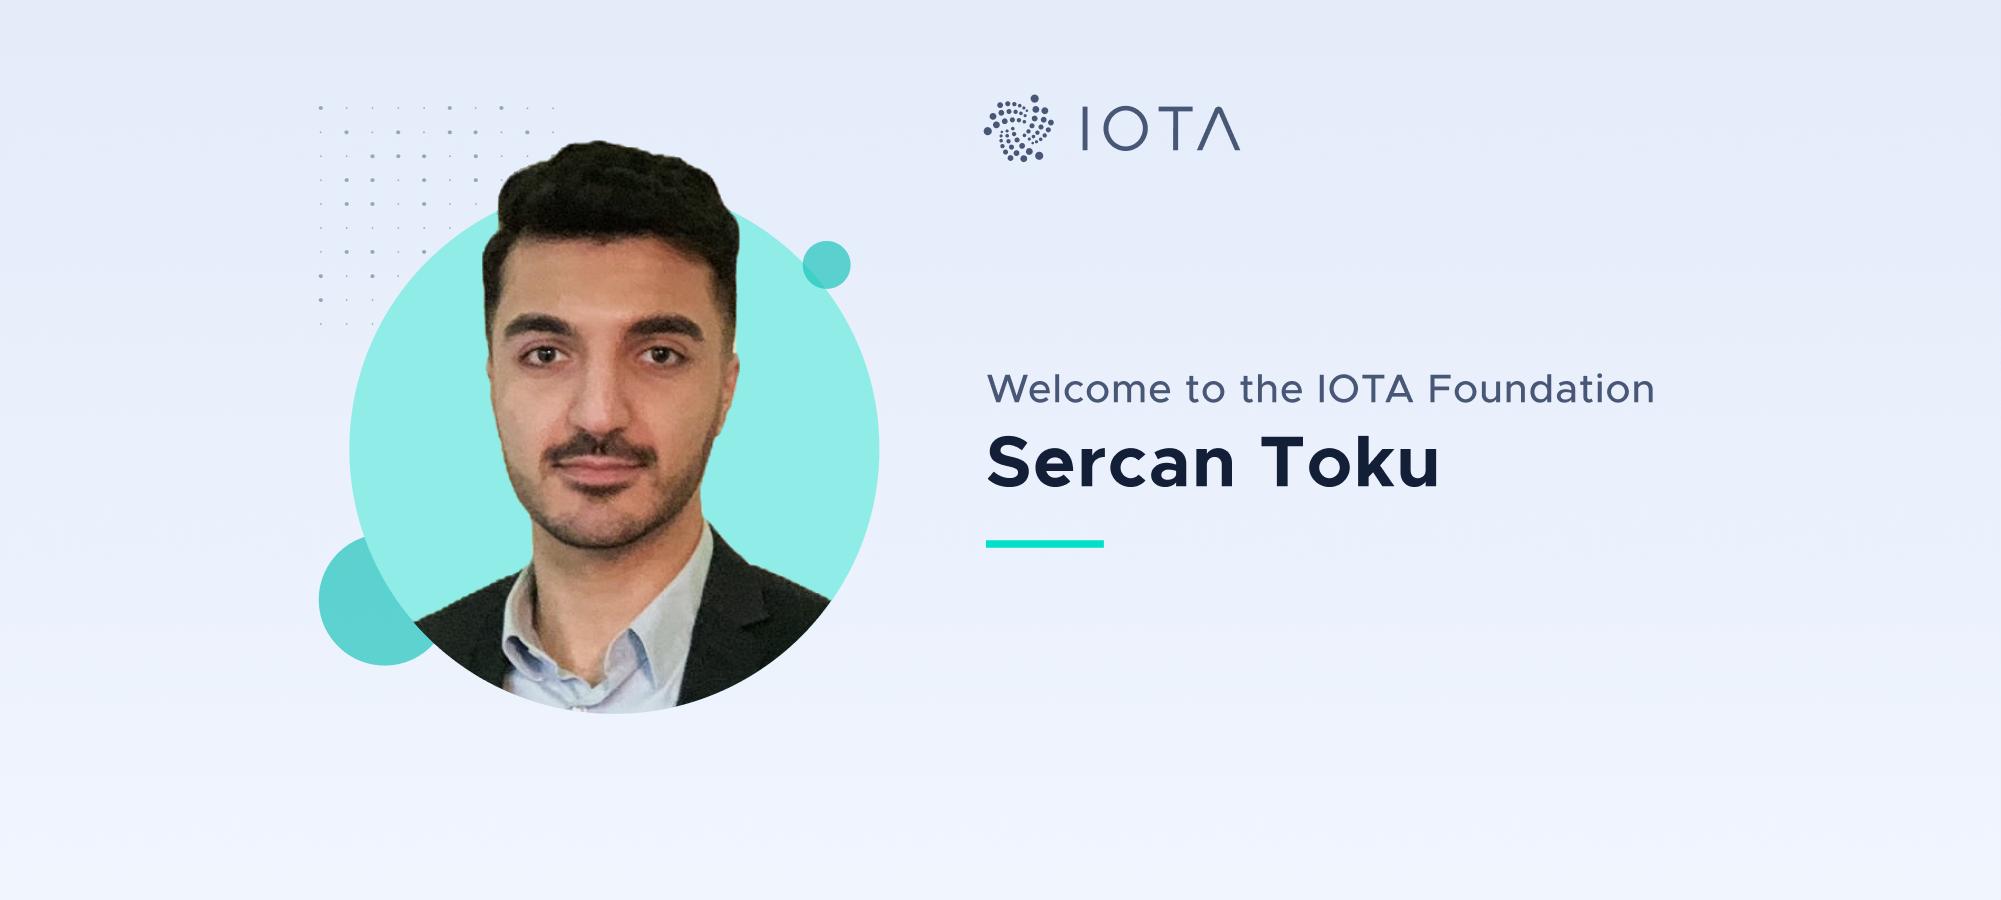 Welcome Sercan Toku to the IOTA Foundation